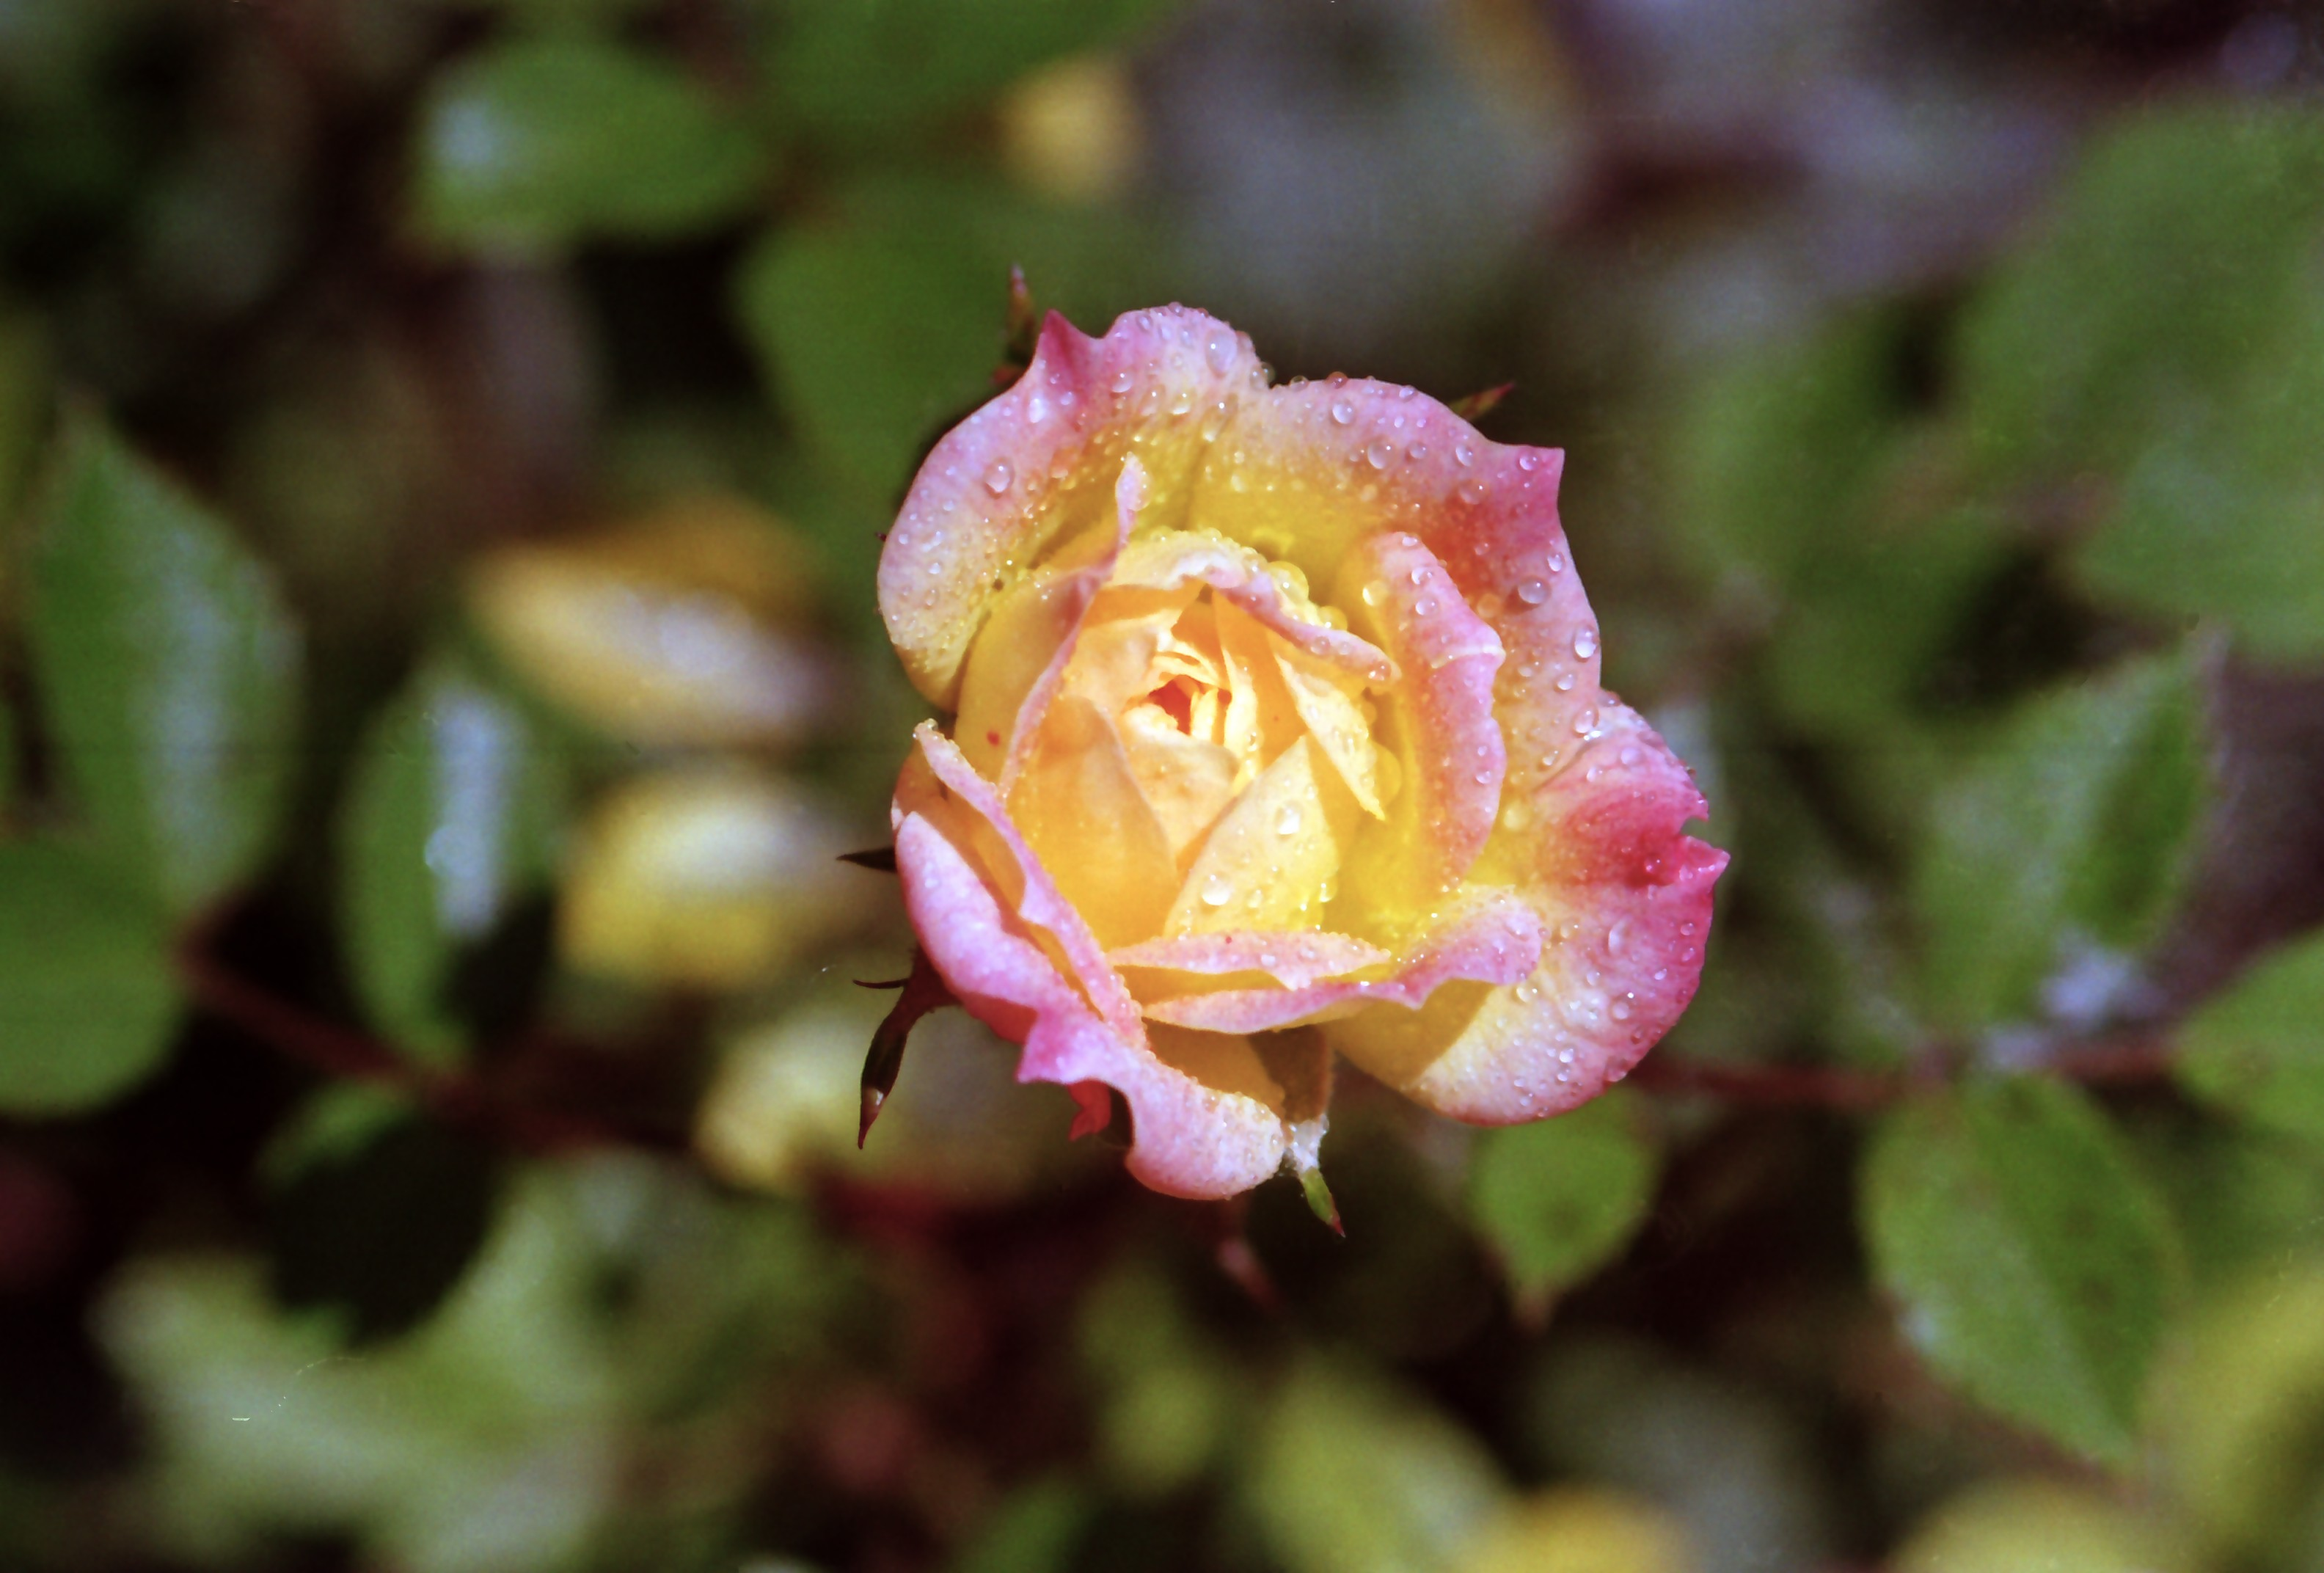 Le on de jardinage isabeauder larurale Jardinage en janvier